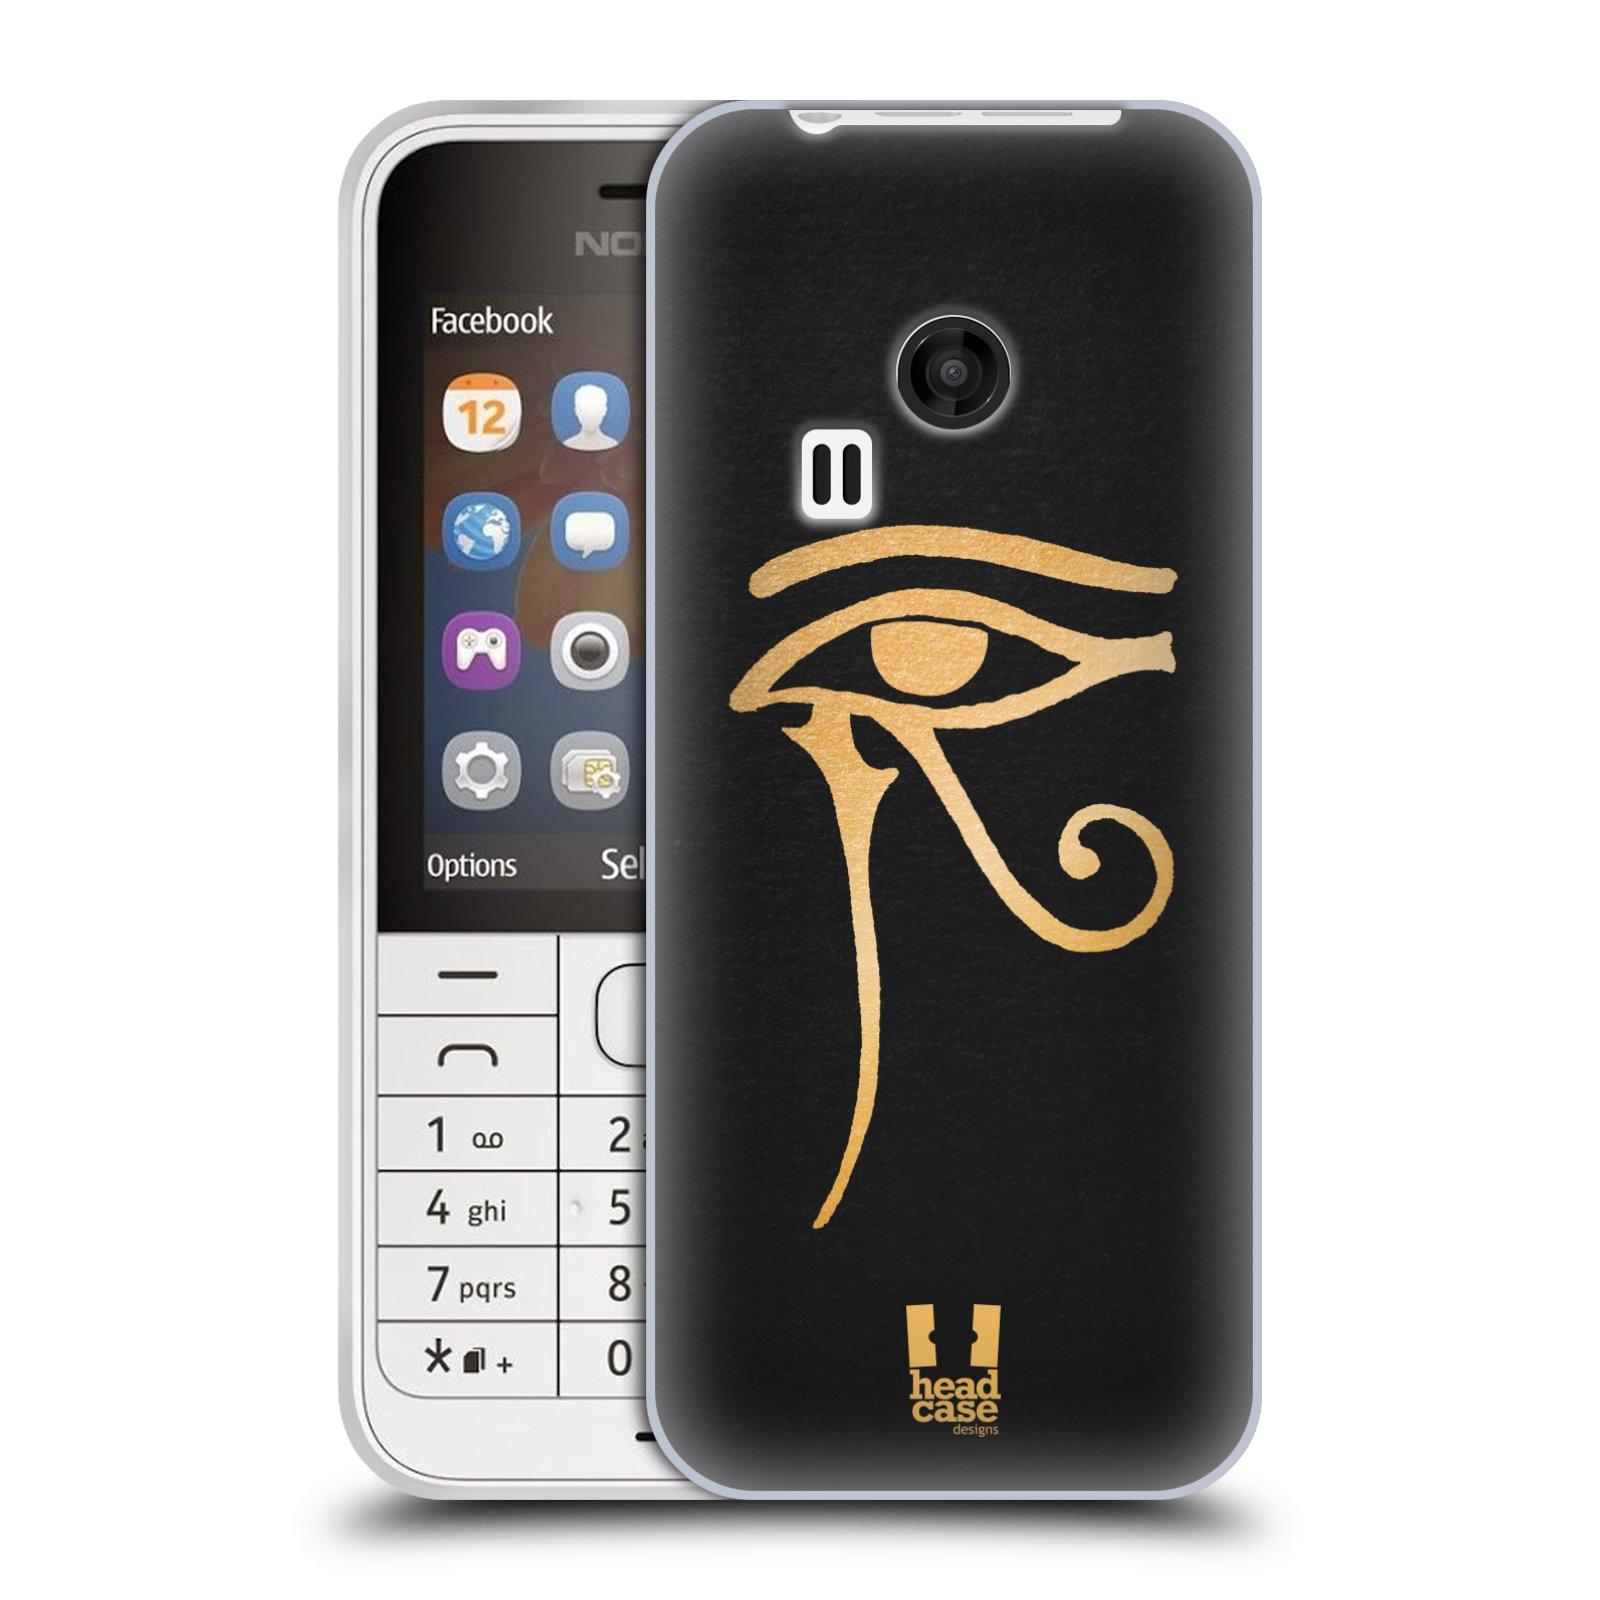 Silikonové pouzdro na mobil Nokia 220 HEAD CASE EGYPT OKO BOHA RA (Silikonový kryt či obal na mobilní telefon Nokia 220 a 220 Dual SIM)